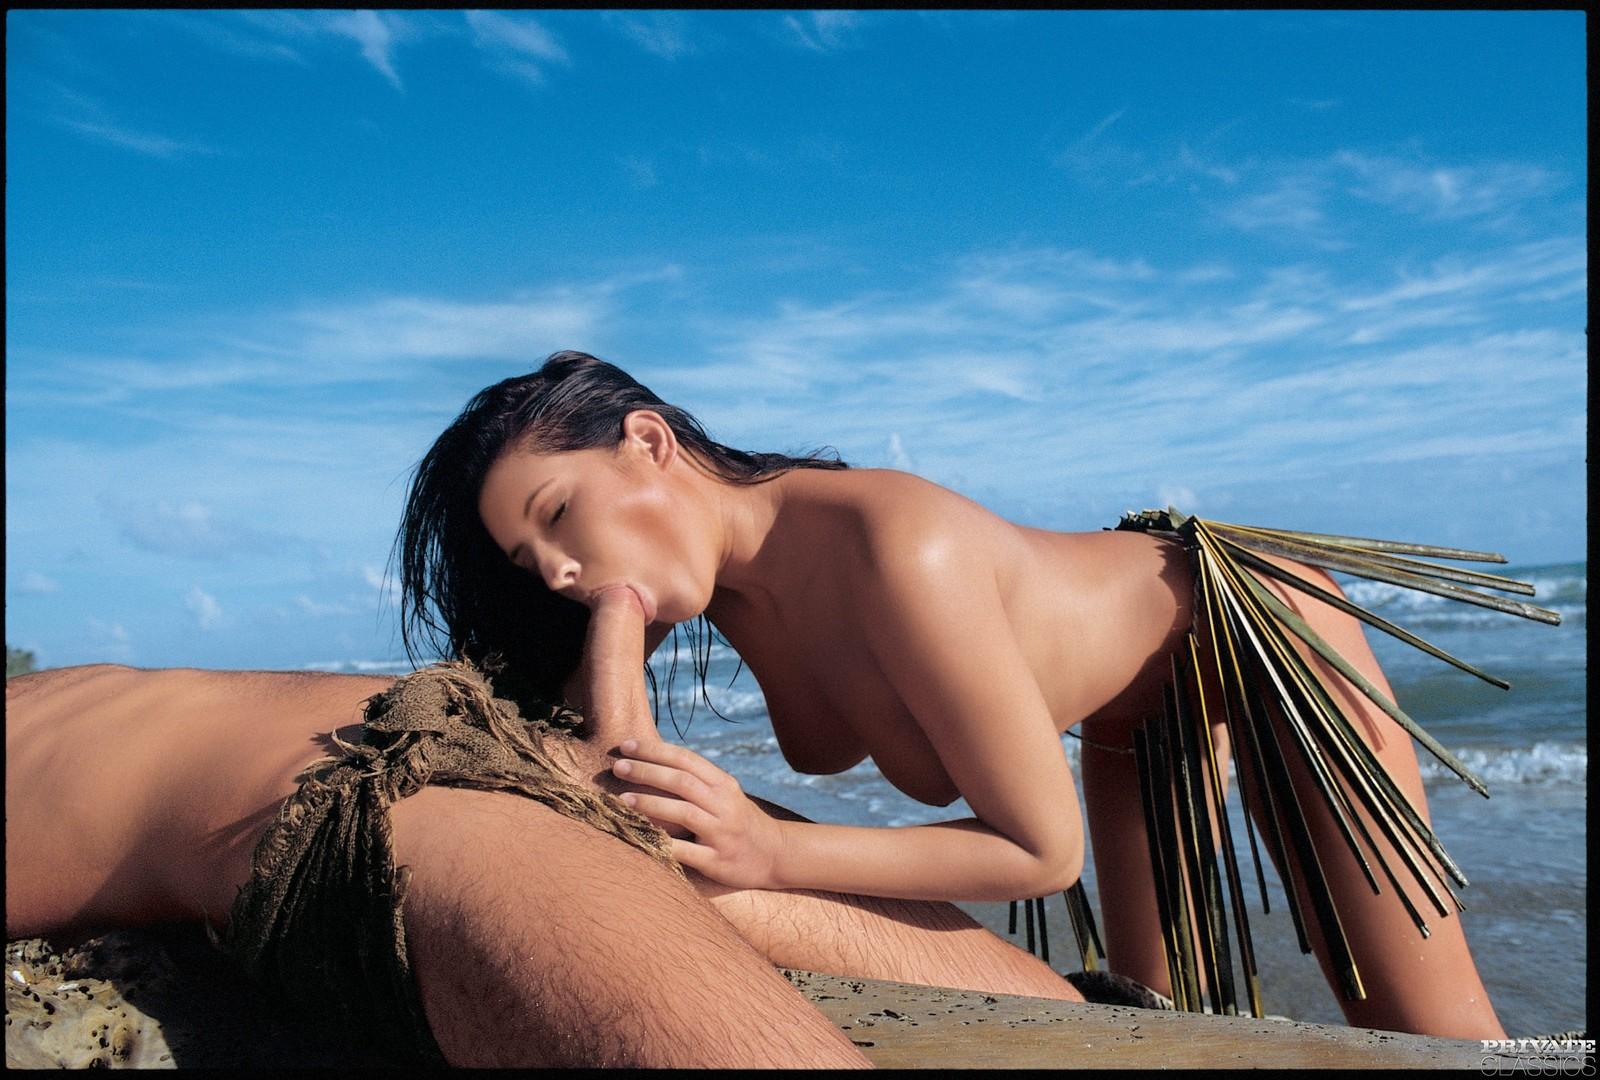 Эро фильм девушки на острове смотреть рабстве дрочит